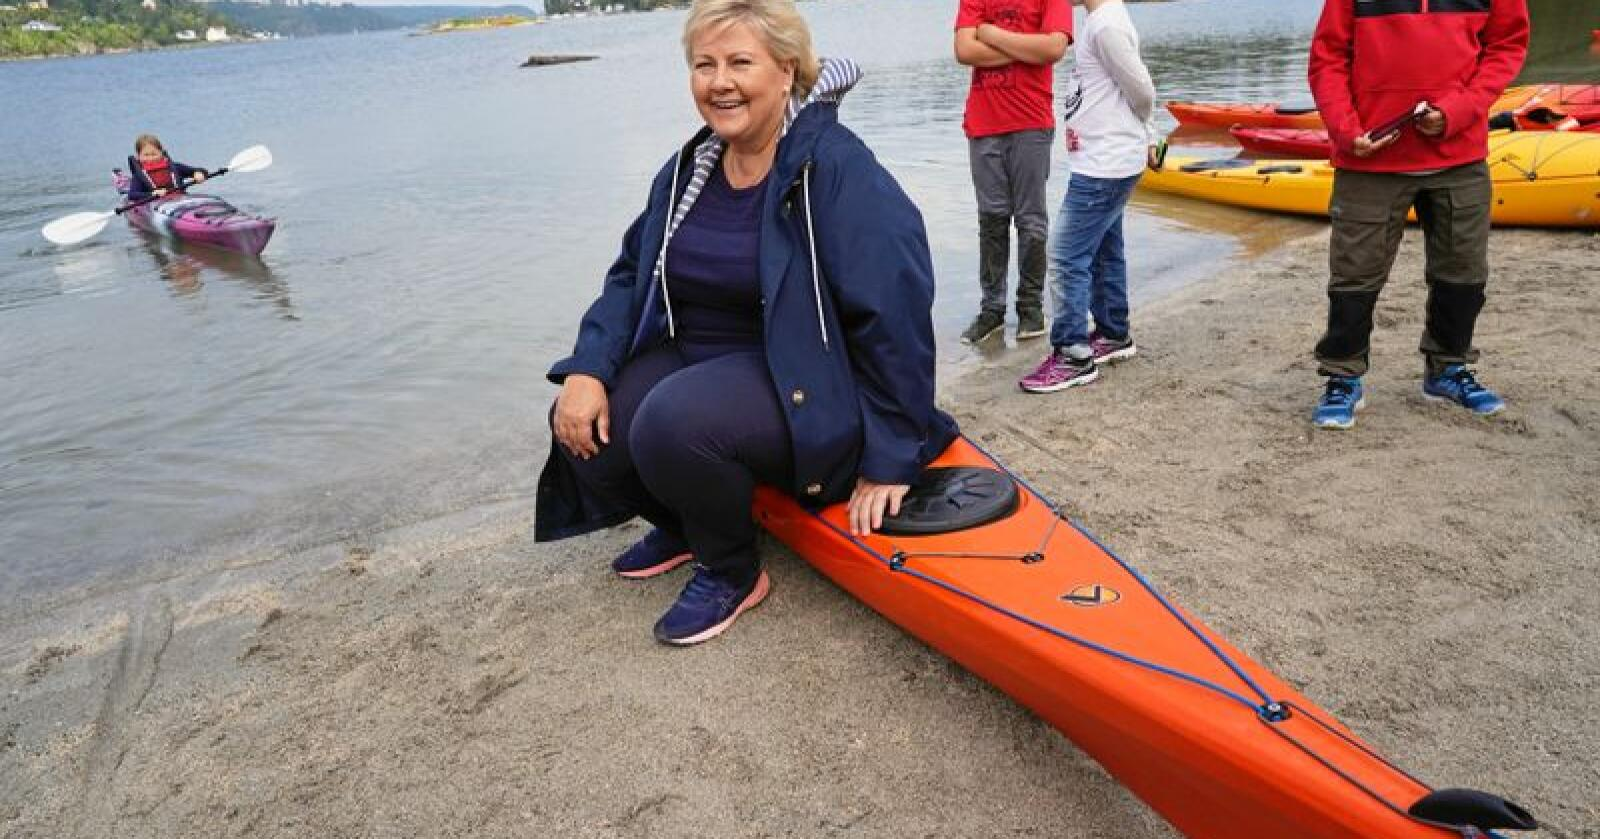 Statsminister Erna Solberg besøkte DNT Oslo & Omegn på Breivoll søndag. Det ble ikke tid til en padletur for statsministeren denne gang, men kanskje når valget er over. – Dette er en virkelig en perle for det nære friluftslivet, sier Solberg. Foto: Heiko Junge / NTB scanpix